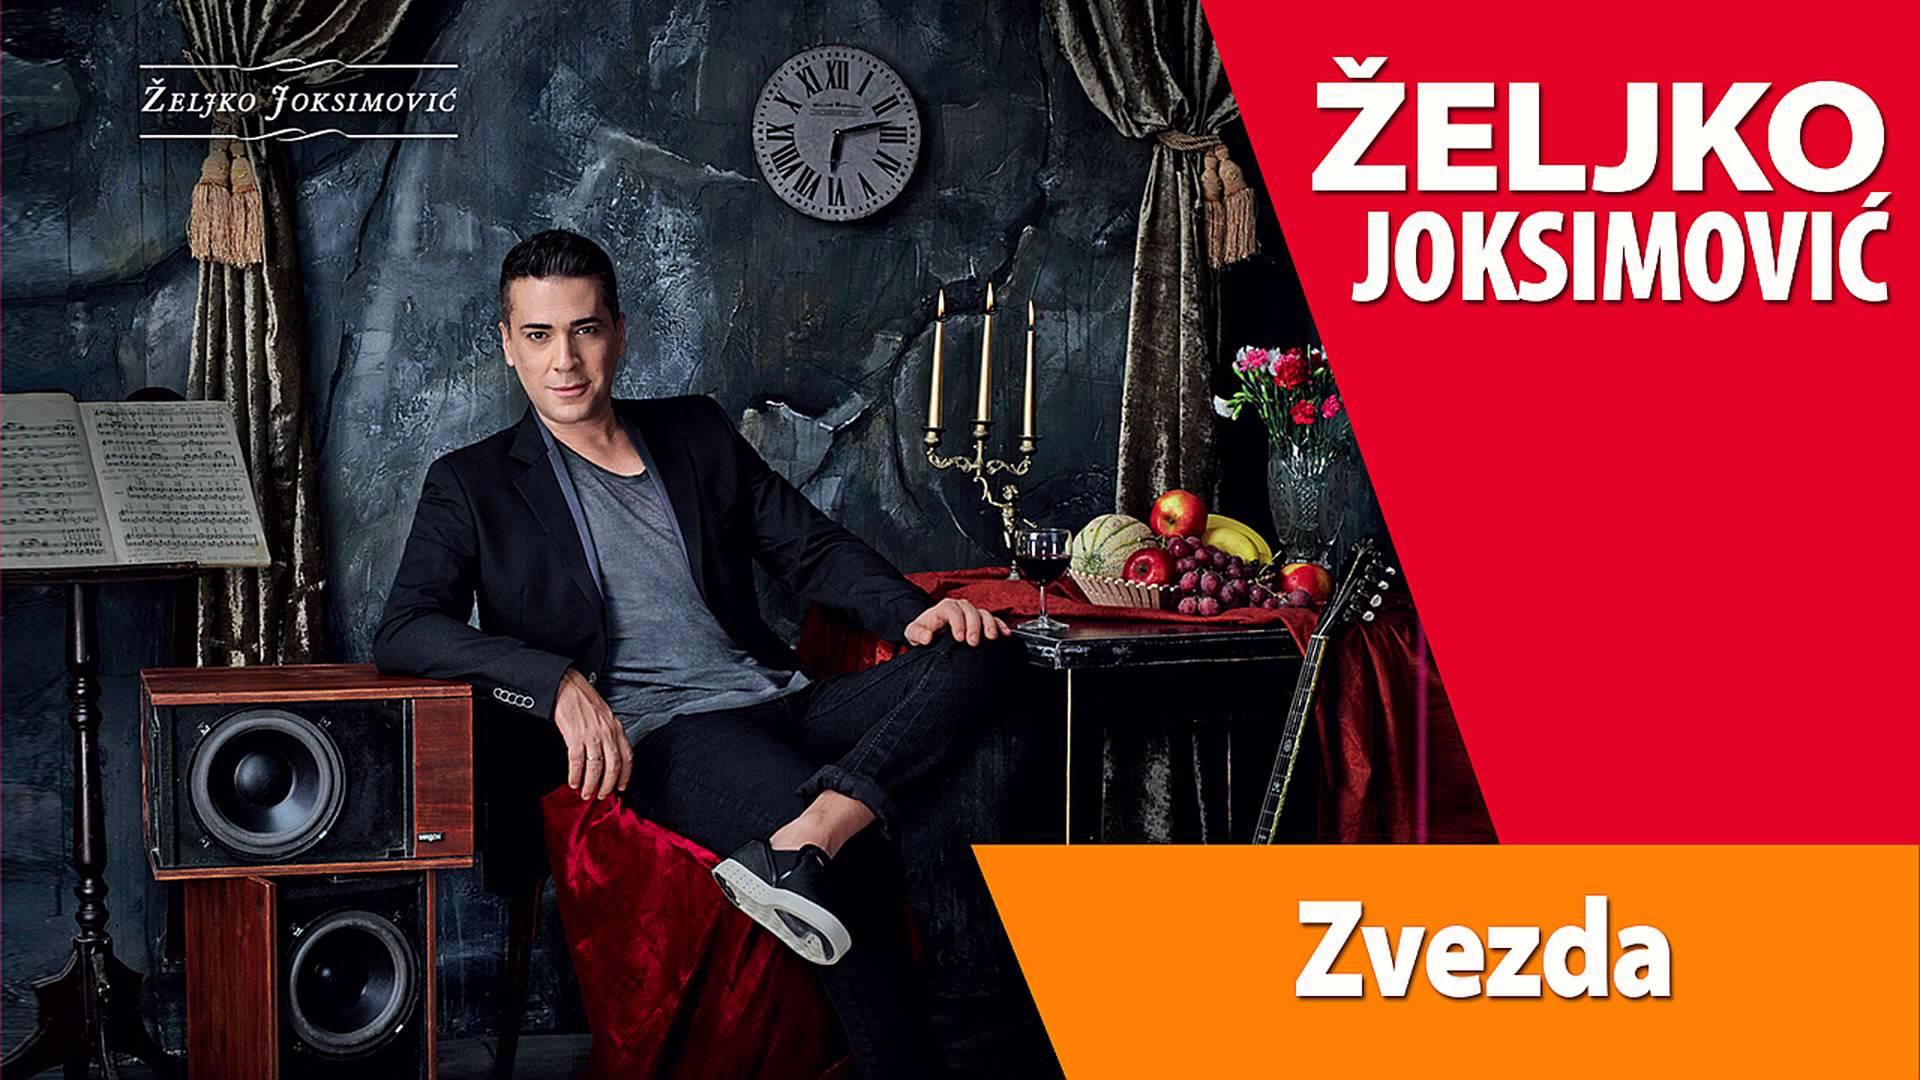 ZELJKO  JOKSIMOVIC - ZVEZDA (BQ)